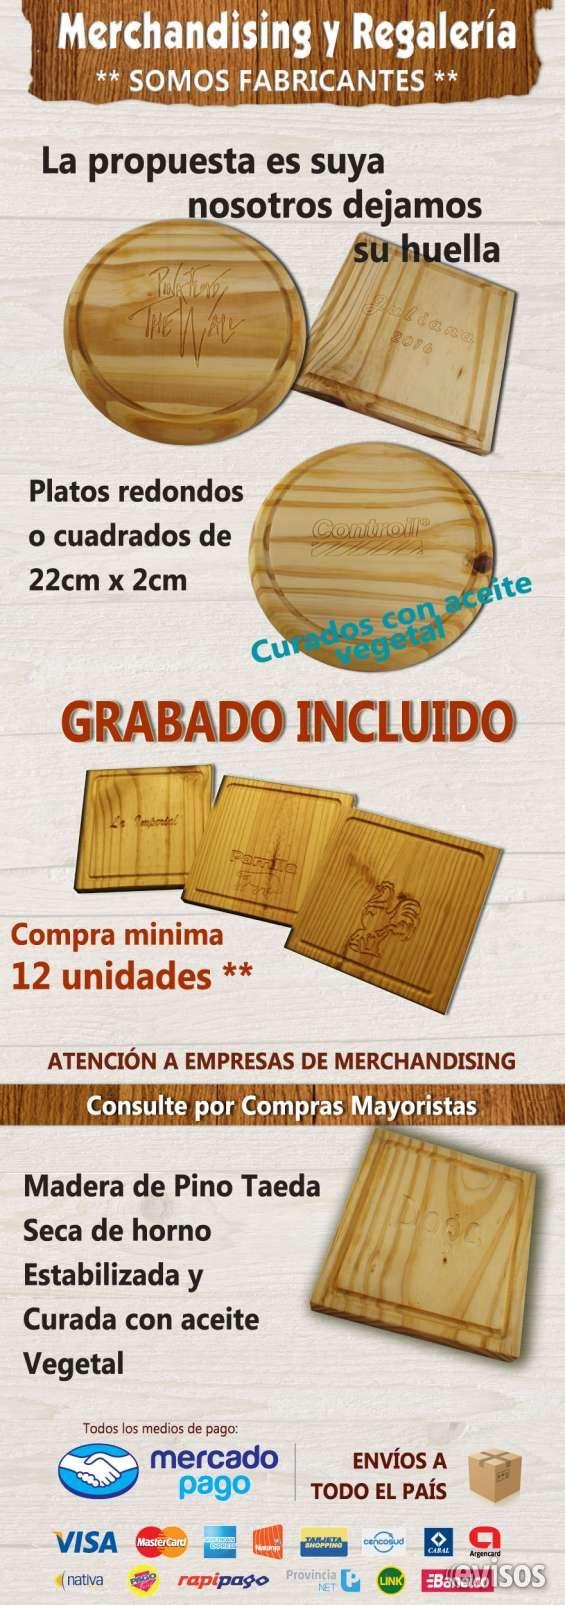 Torneria fabrica de platos Fabrica oferta pltos de 1 calida en madera de pino seco de 1 , tablas de 22cm x 2 cm de espesor ya ... http://castelar.evisos.com.ar/torneria-fabrica-de-platos-id-962528